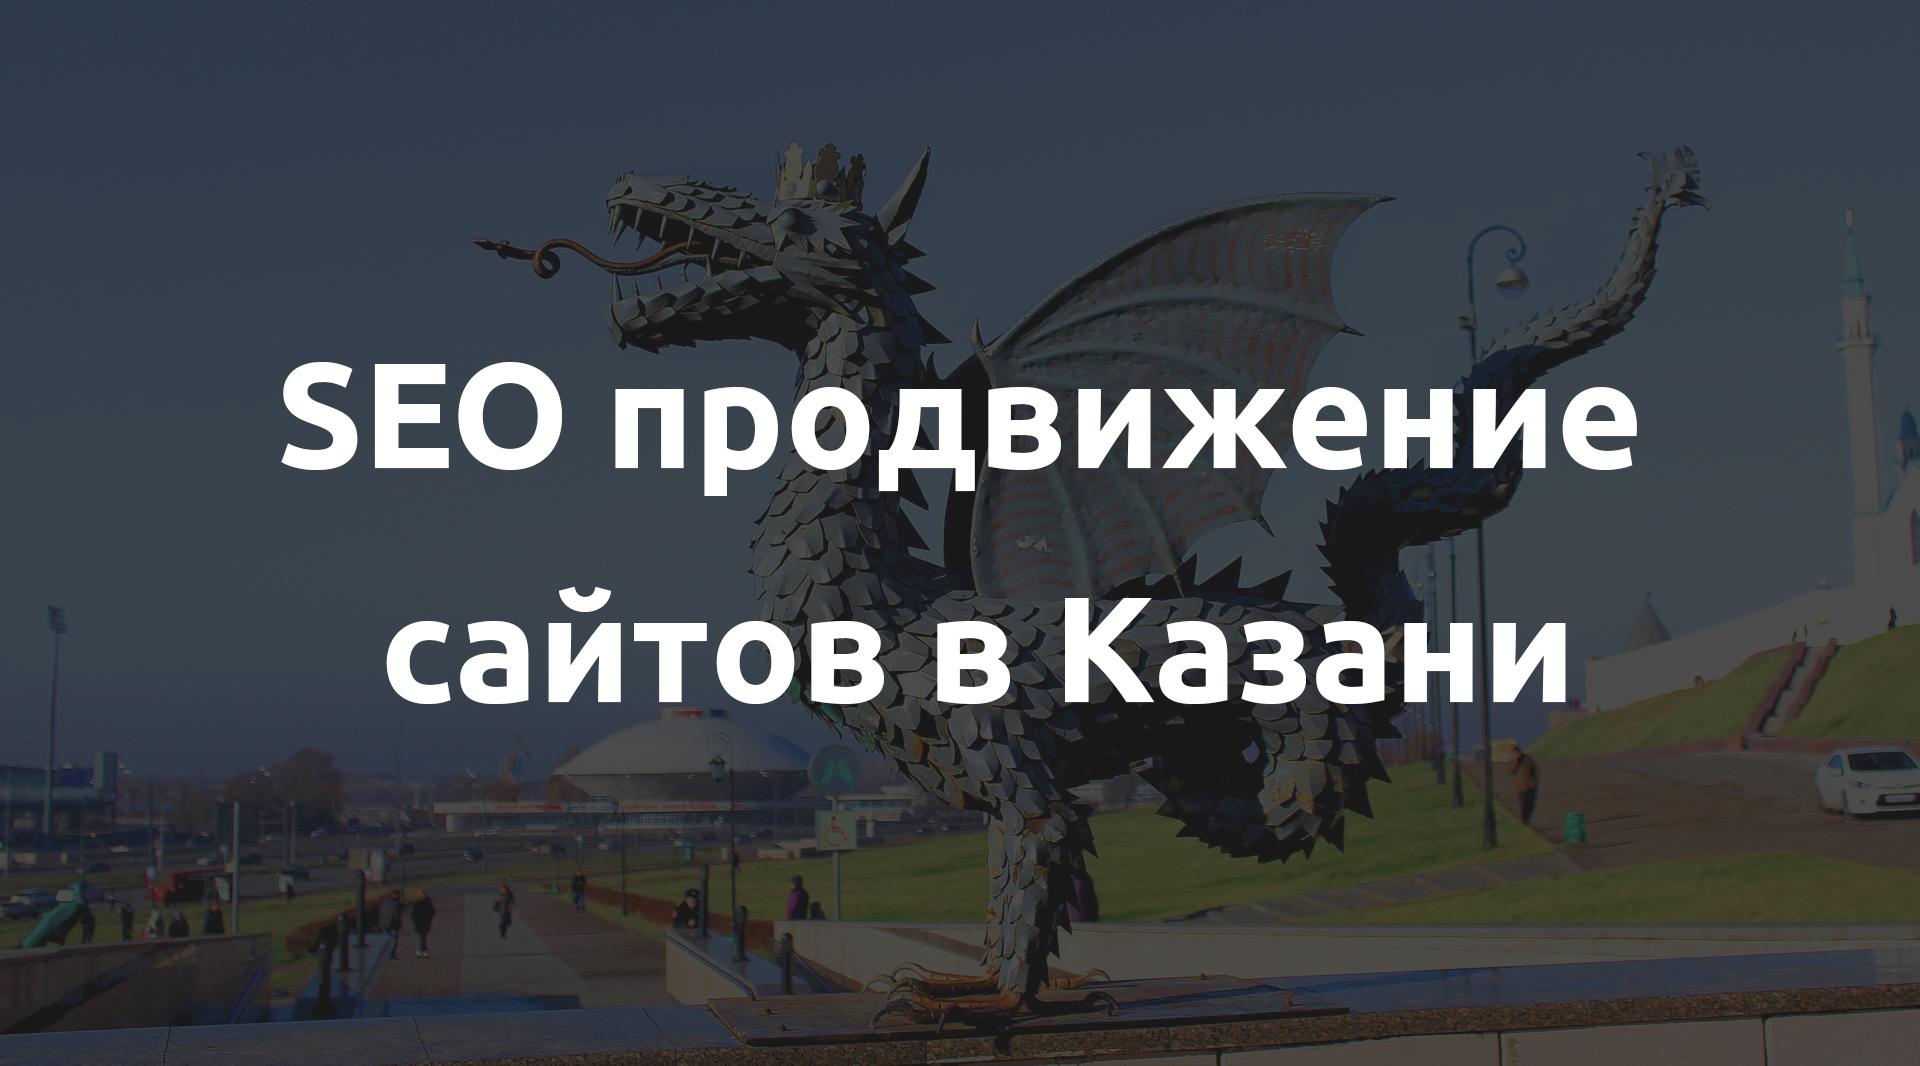 SEO продвижение сайтов в Казани